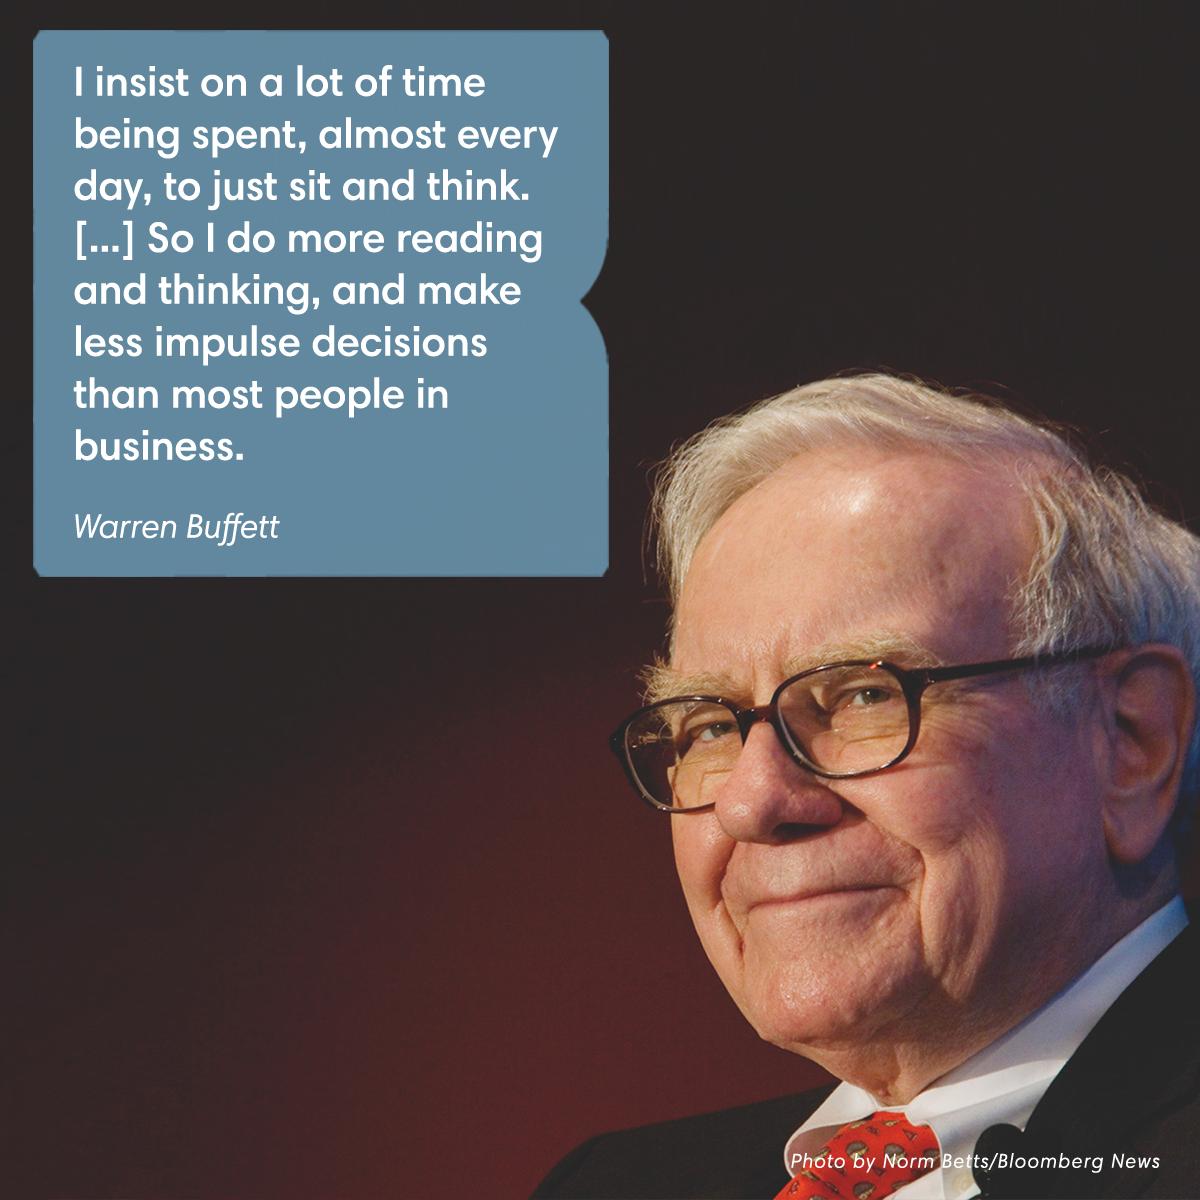 Fabulous Warren Buffett Worlds Richest Introvert Heros N Such Download Free Architecture Designs Scobabritishbridgeorg